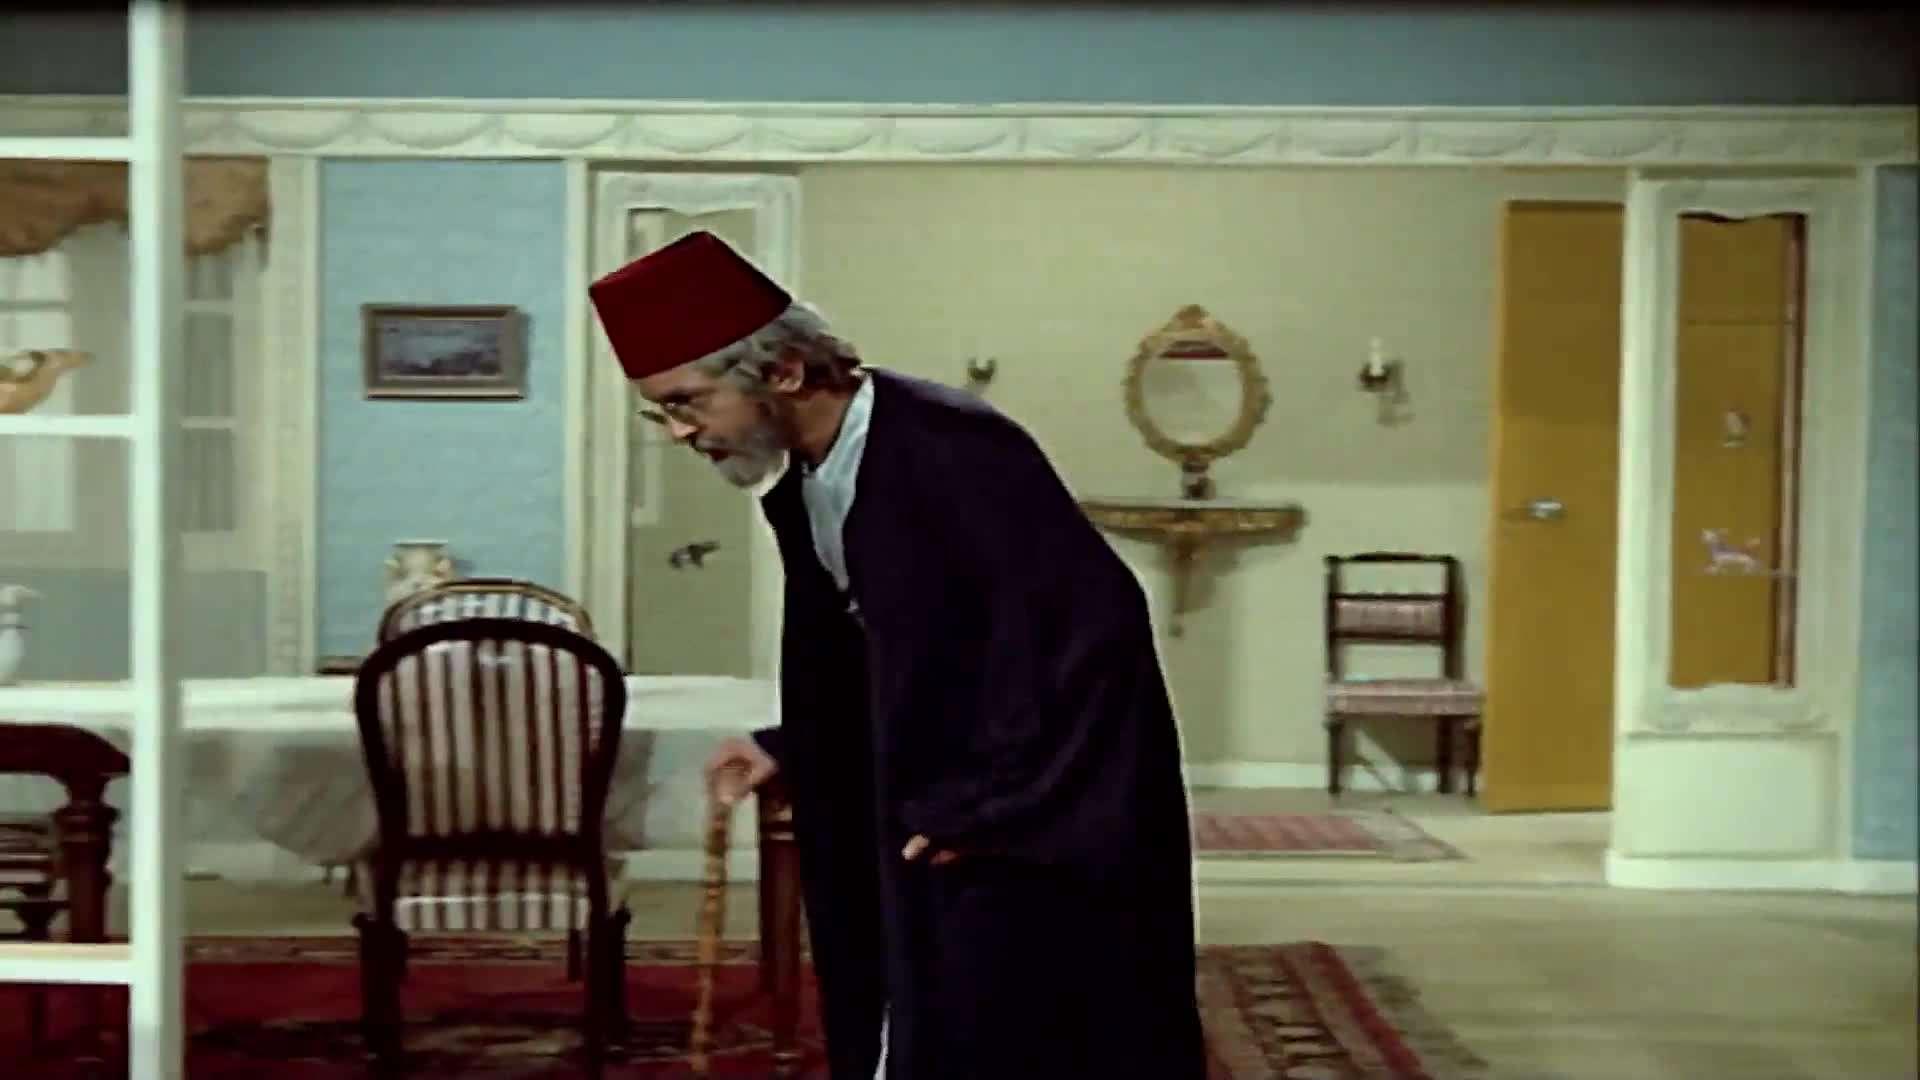 [فيلم][تورنت][تحميل][الكل عاوز يحب][1975][1080p][Web-DL] 13 arabp2p.com